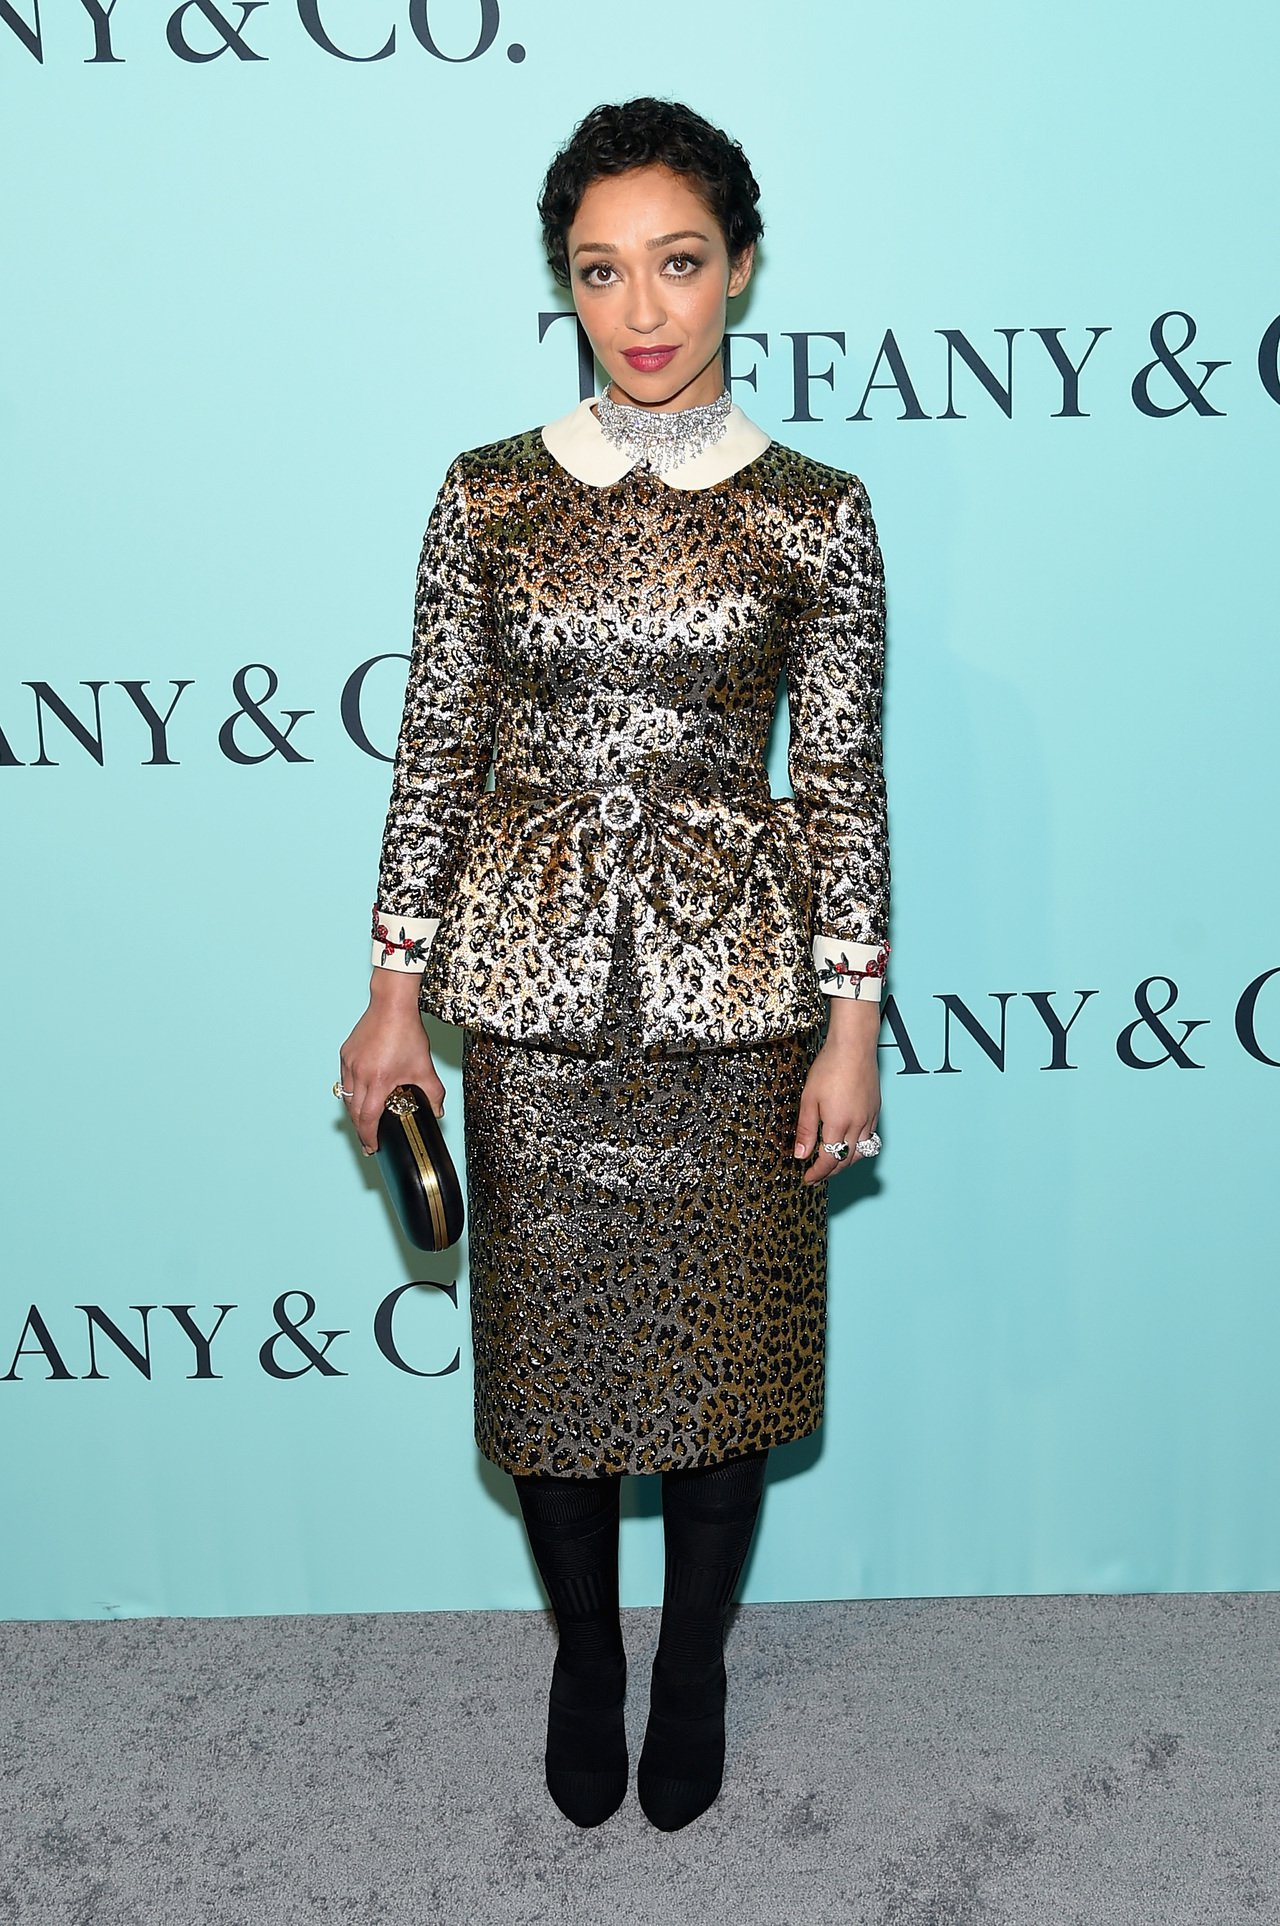 露絲奈嘉以Gucci套裝搭配Tiffany鑽飾,顯得與眾不同,受訪時率真回答也很...